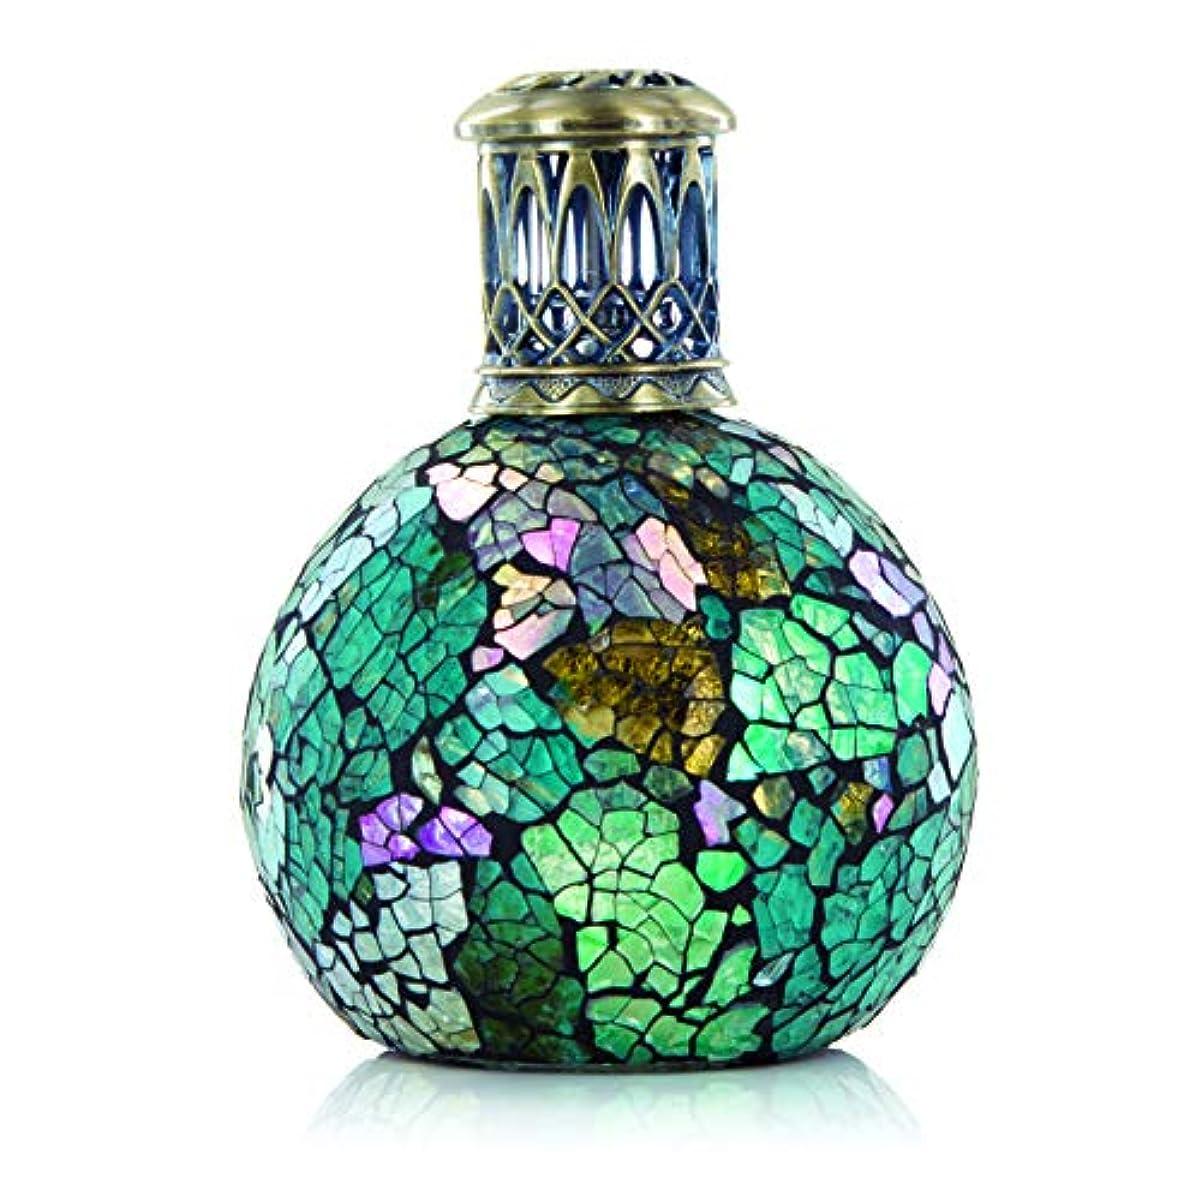 猫背レタス安らぎAshleigh&Burwood フレグランスランプ S ピーコックフェザー FragranceLamps sizeS PeacockFeather アシュレイ&バーウッド